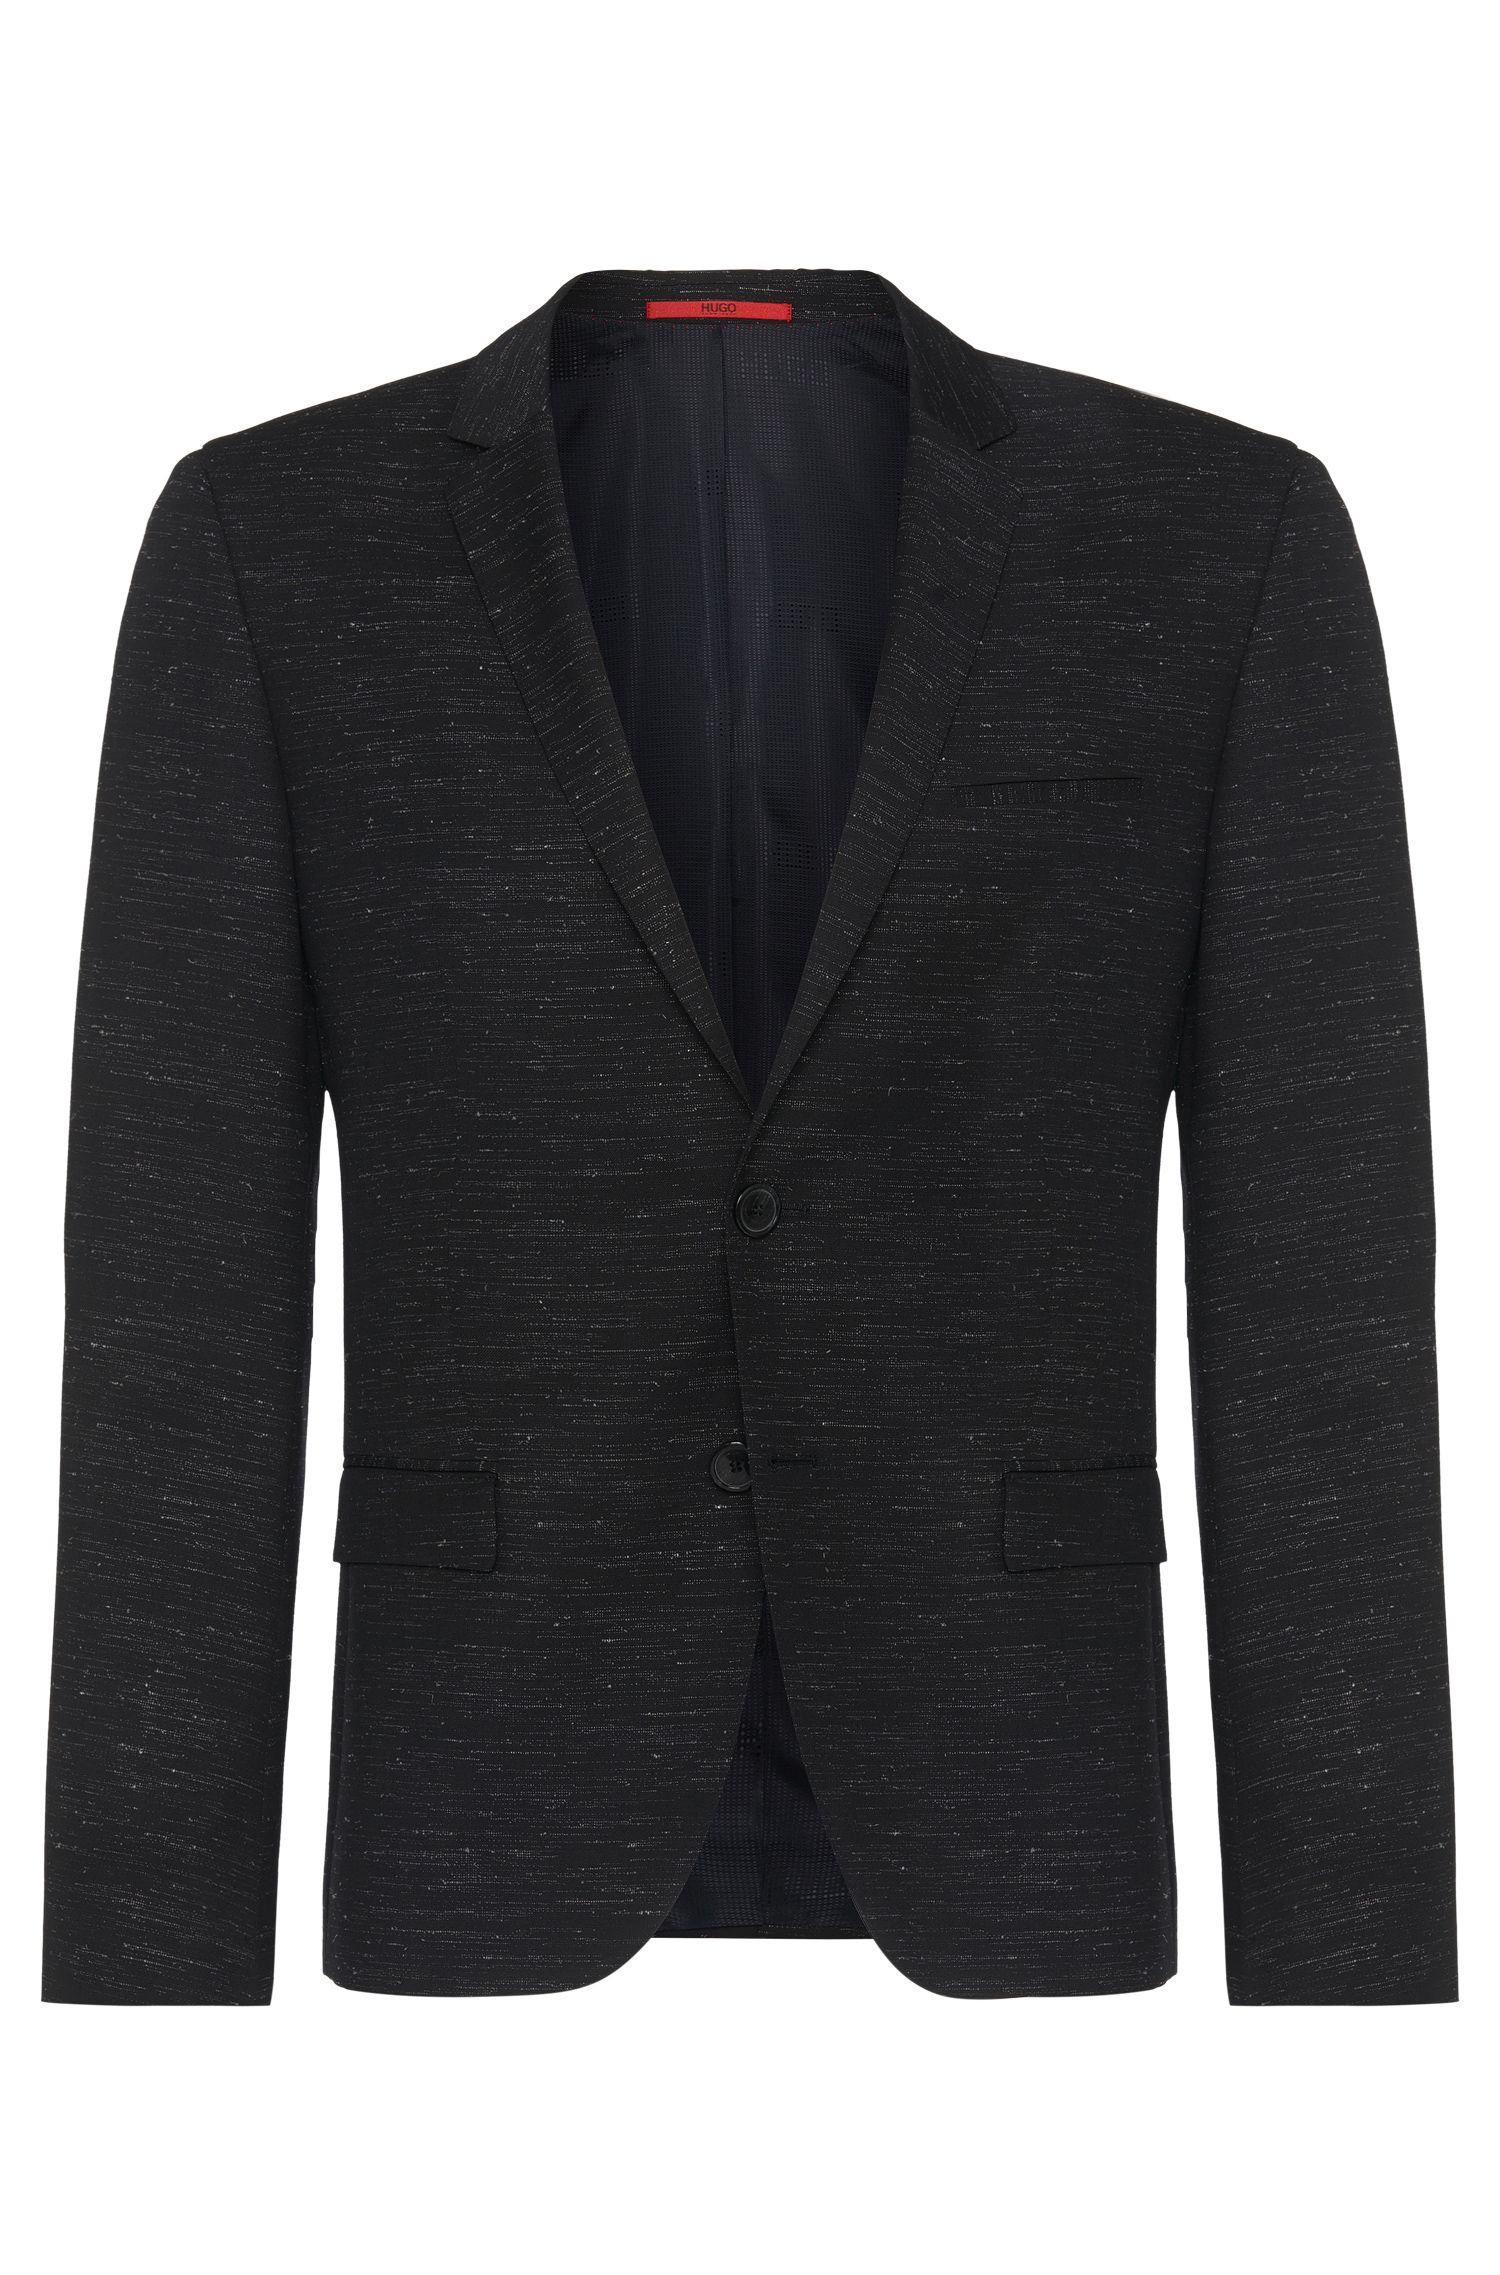 'Arti' | Slim Fit, Virgin Wool Sport Coat